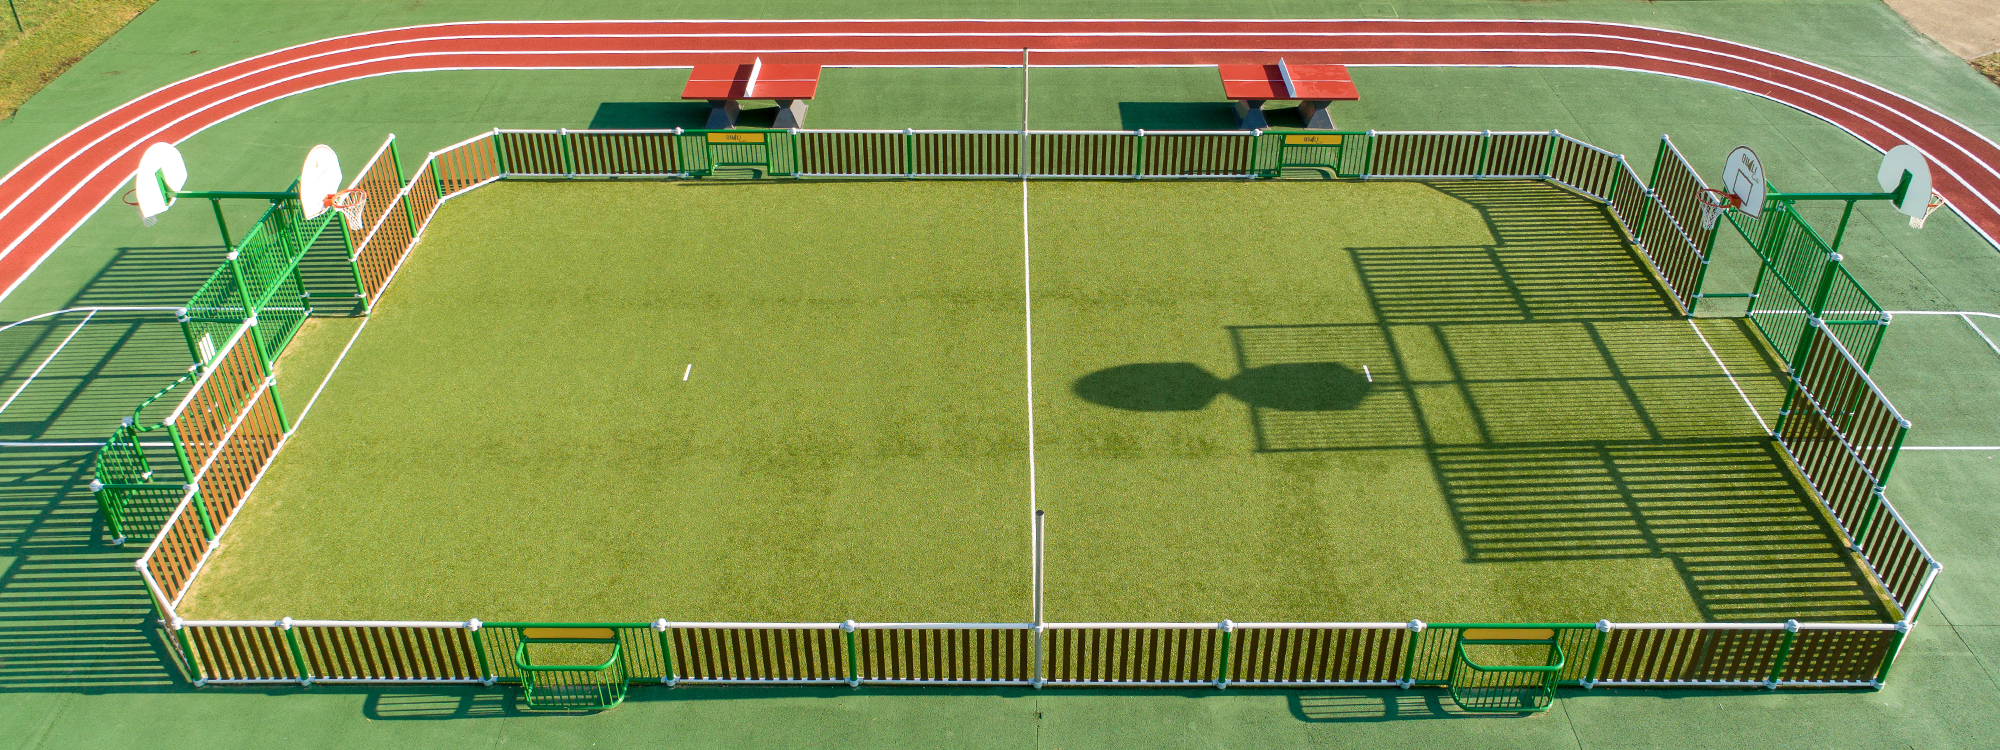 Terrain Multi-sports un équipement sportif et ludique